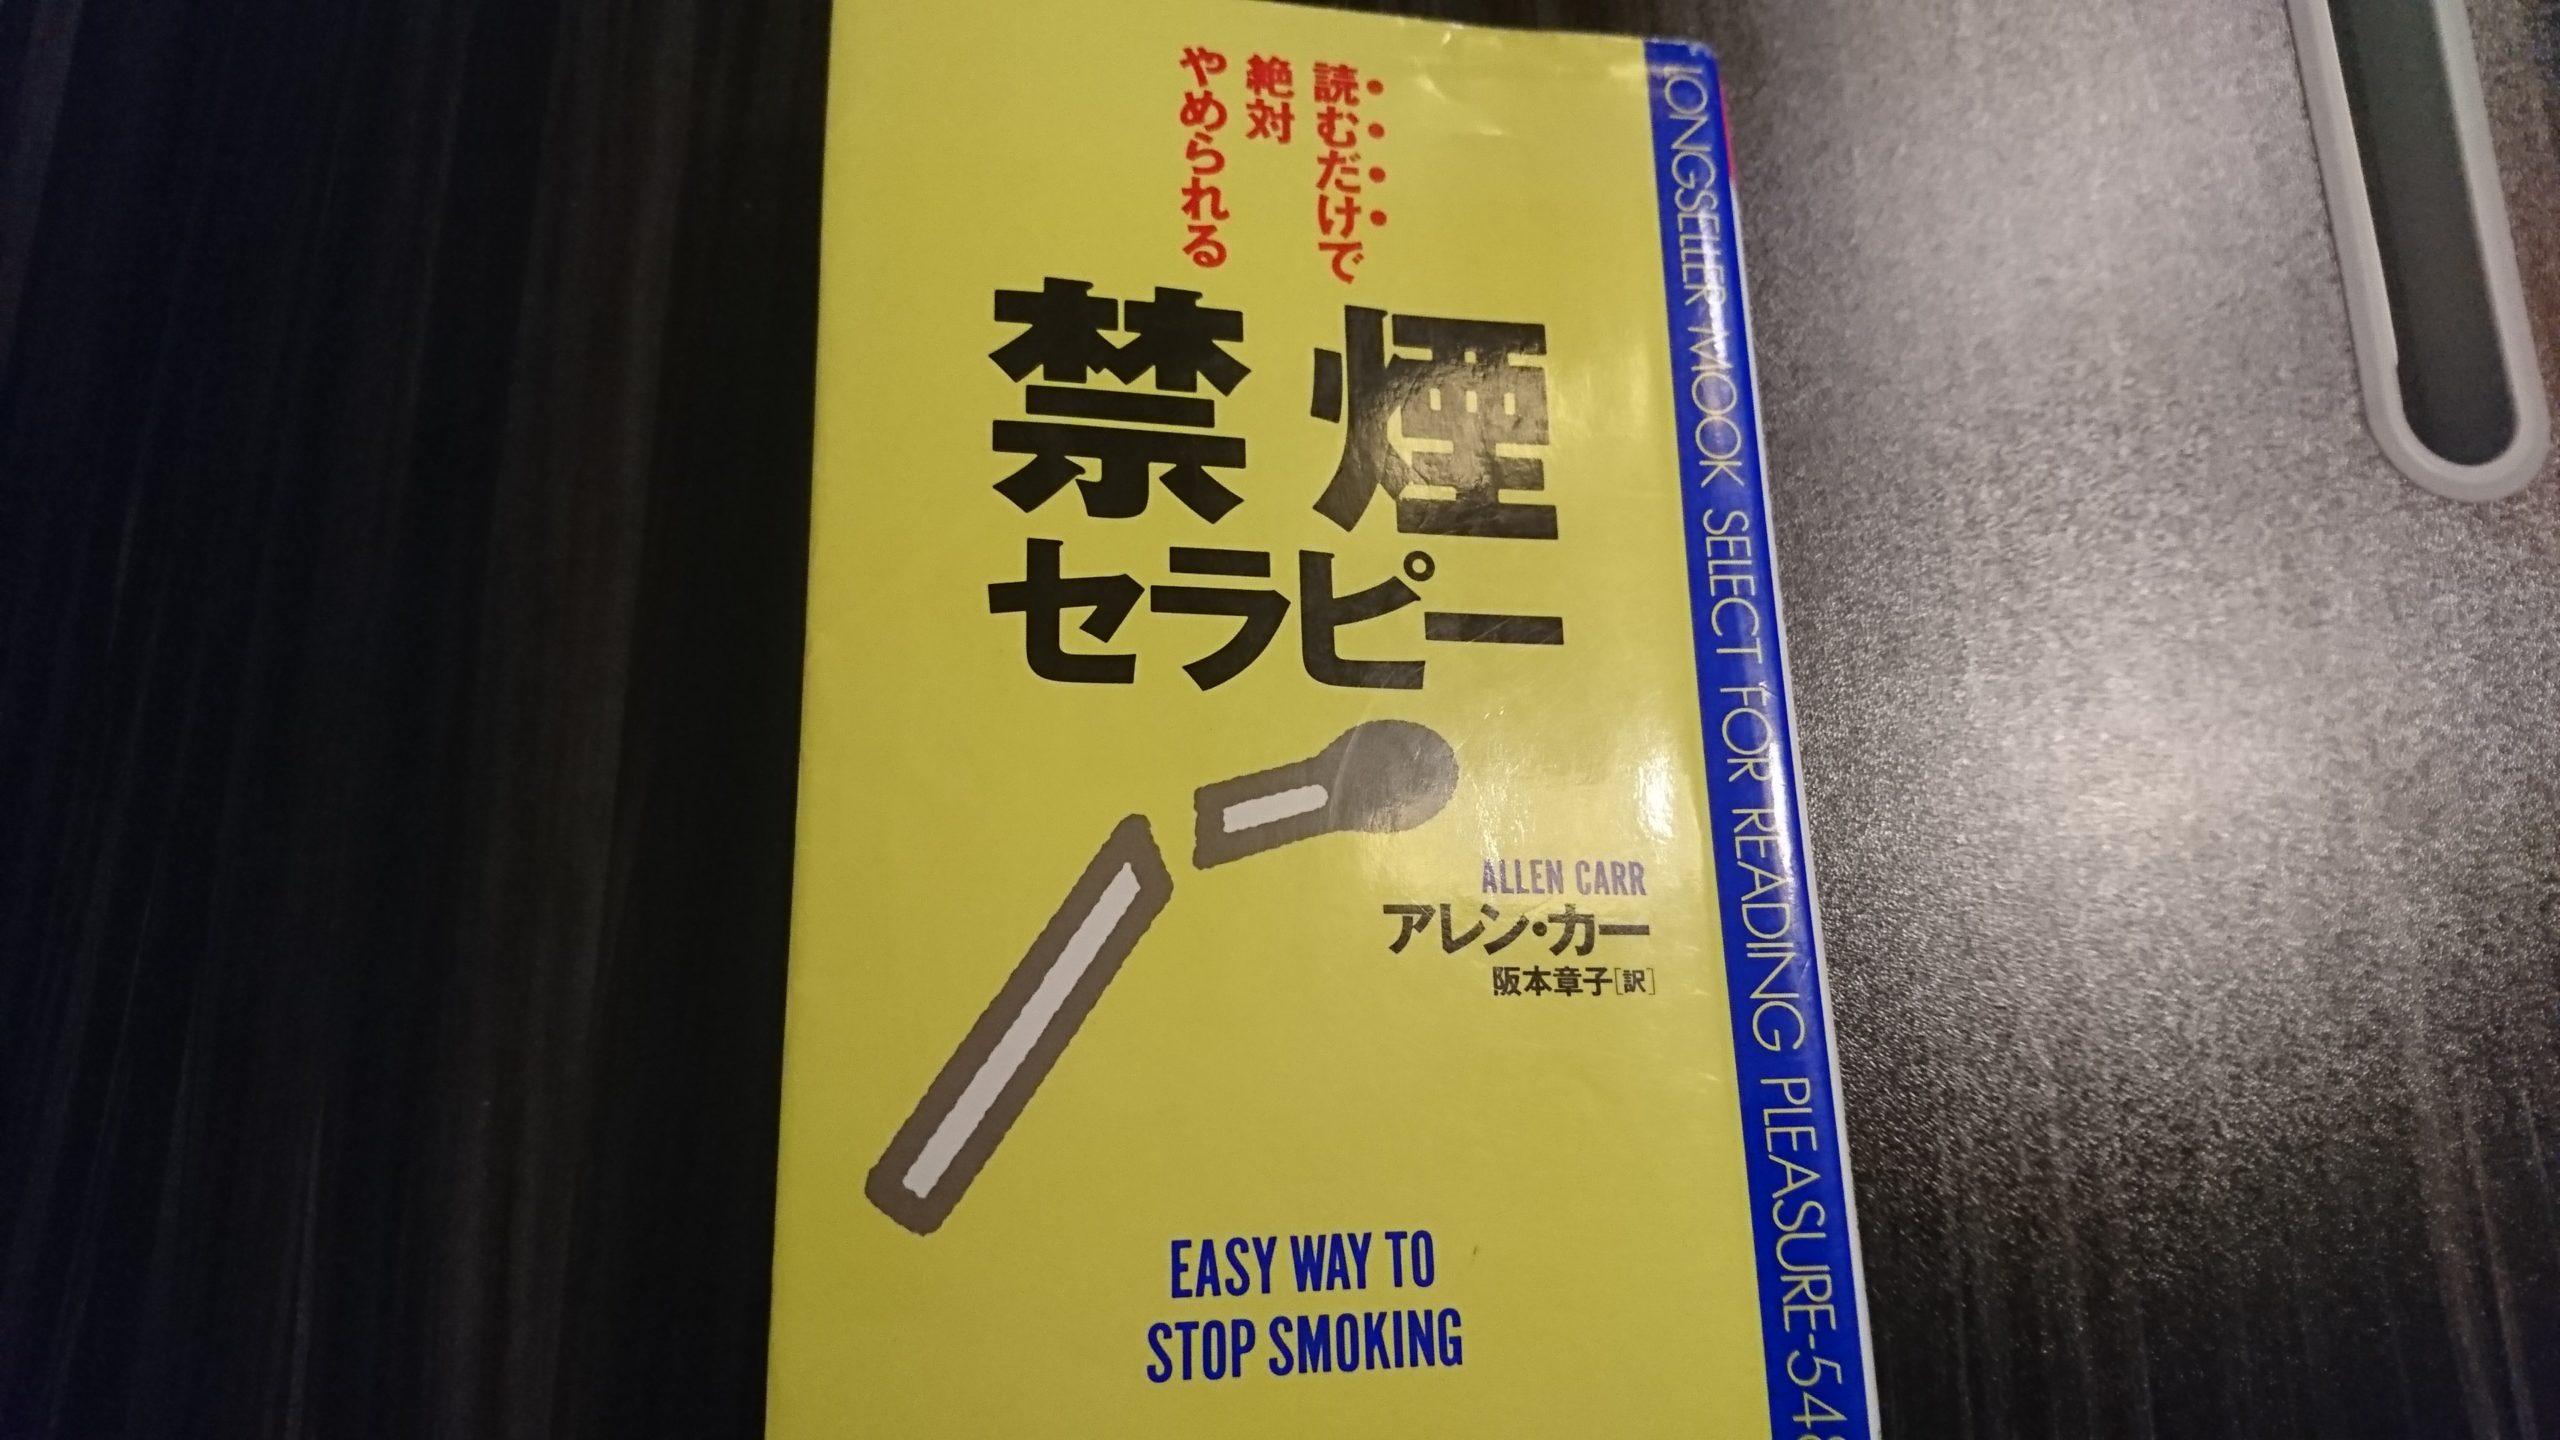 1000円でタバコから解放されよう『禁煙セラピー』